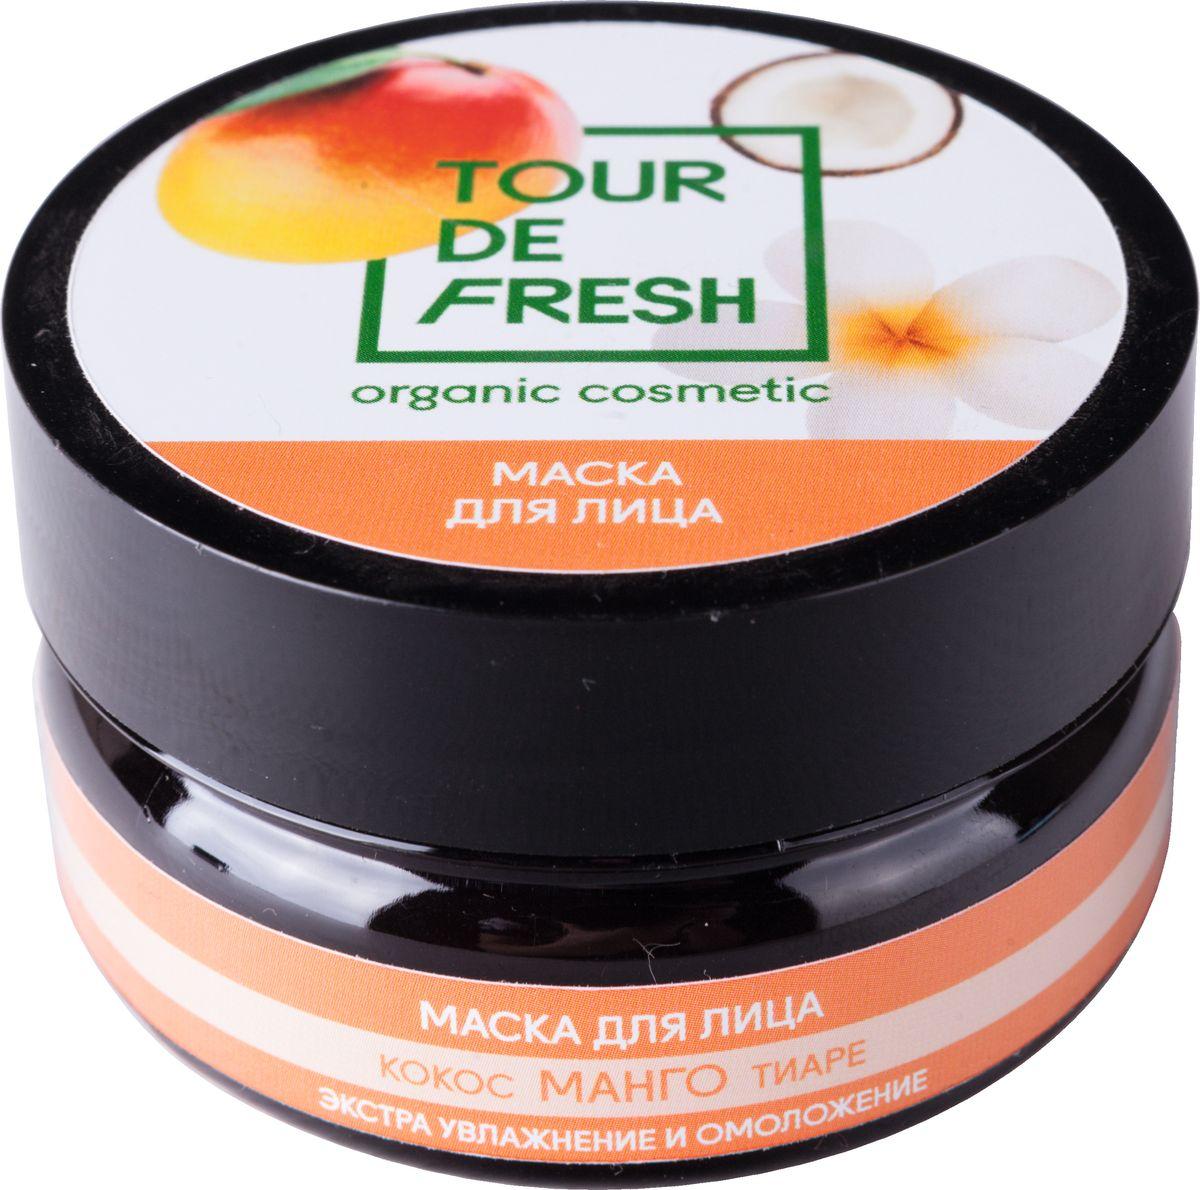 Tour De Fresh Маска для лица Манго, кокос и тиарэ, 60 млУФ000000347Маска для лица с маслом кокоса увлажняет и насыщает кожу ценными компонентами. Экстракт манго глубоко питает кожу, предупреждая увядание, сухость и шелушение. Кокосовое масло выступает как естественный барьер, защищающий чувствительную кожу от ультрафиолета.